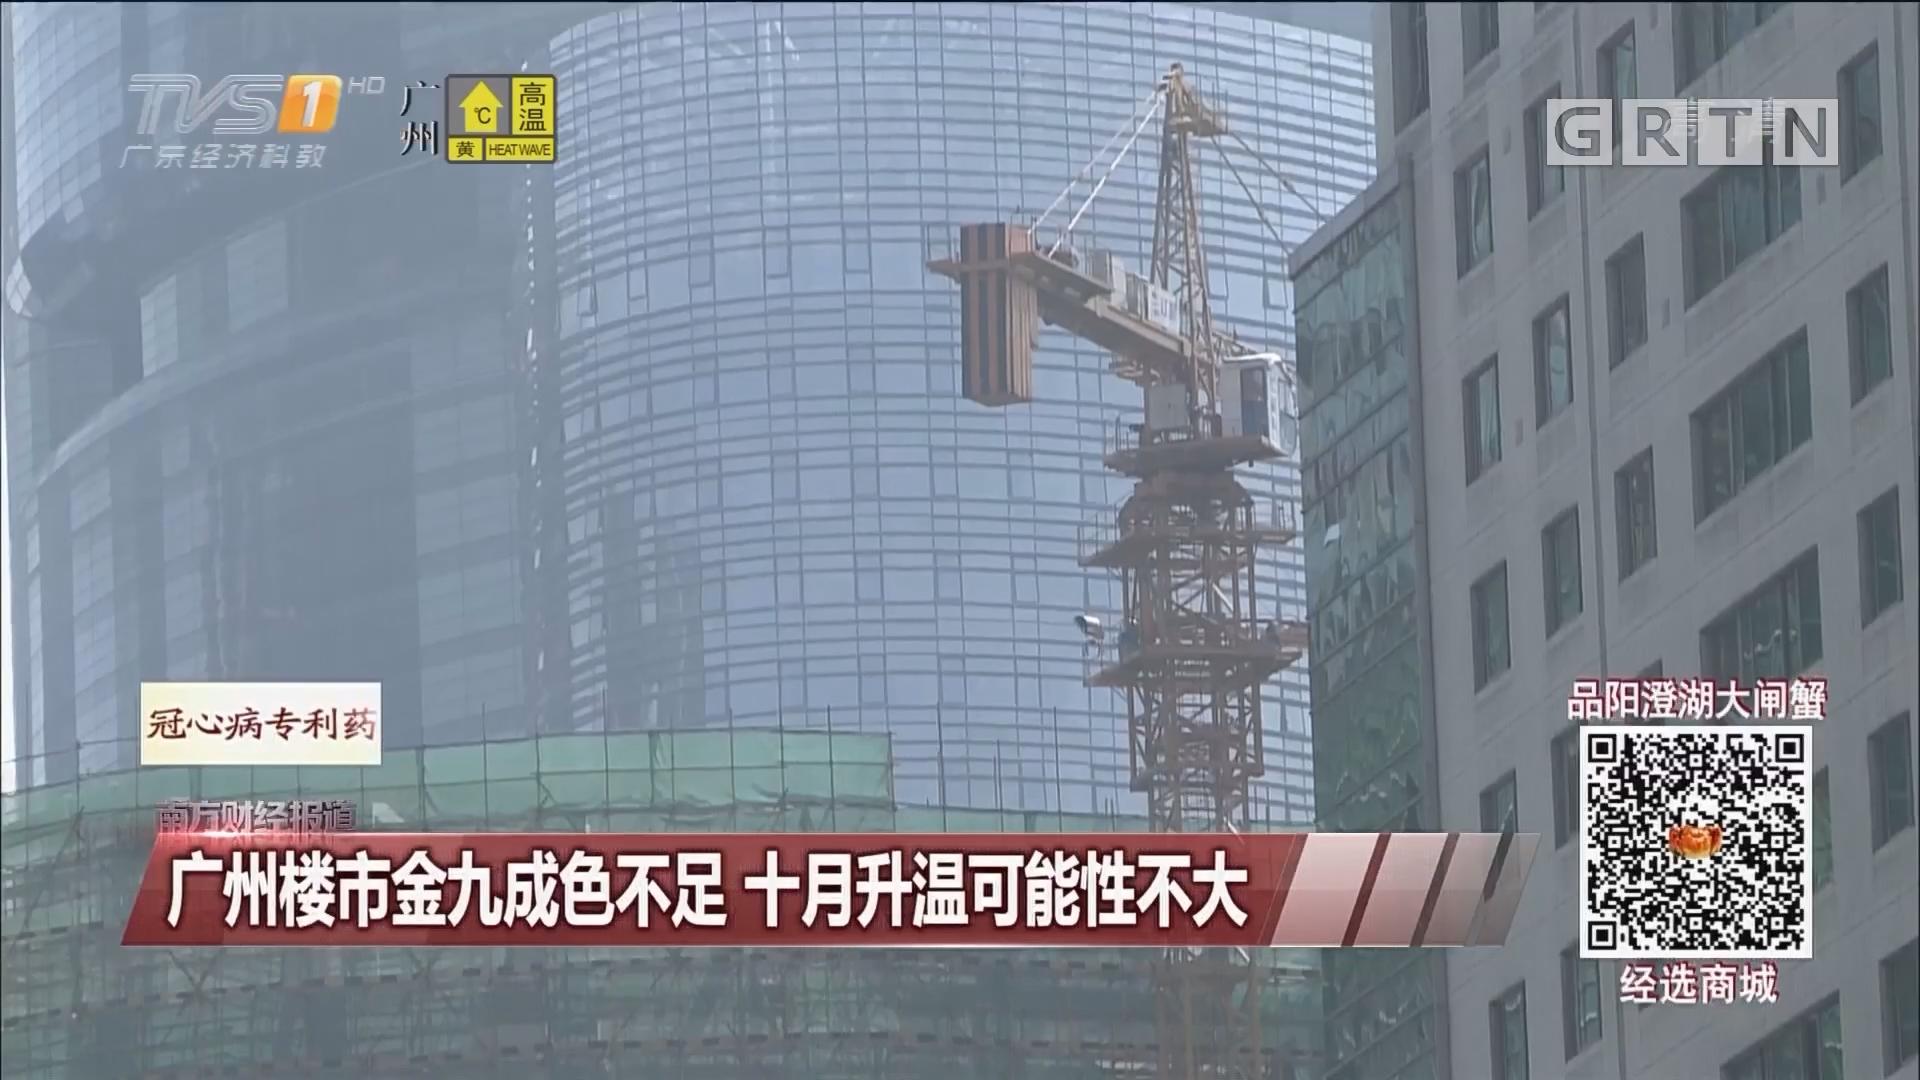 广州楼市金九成色不足 十月升温可能性不大